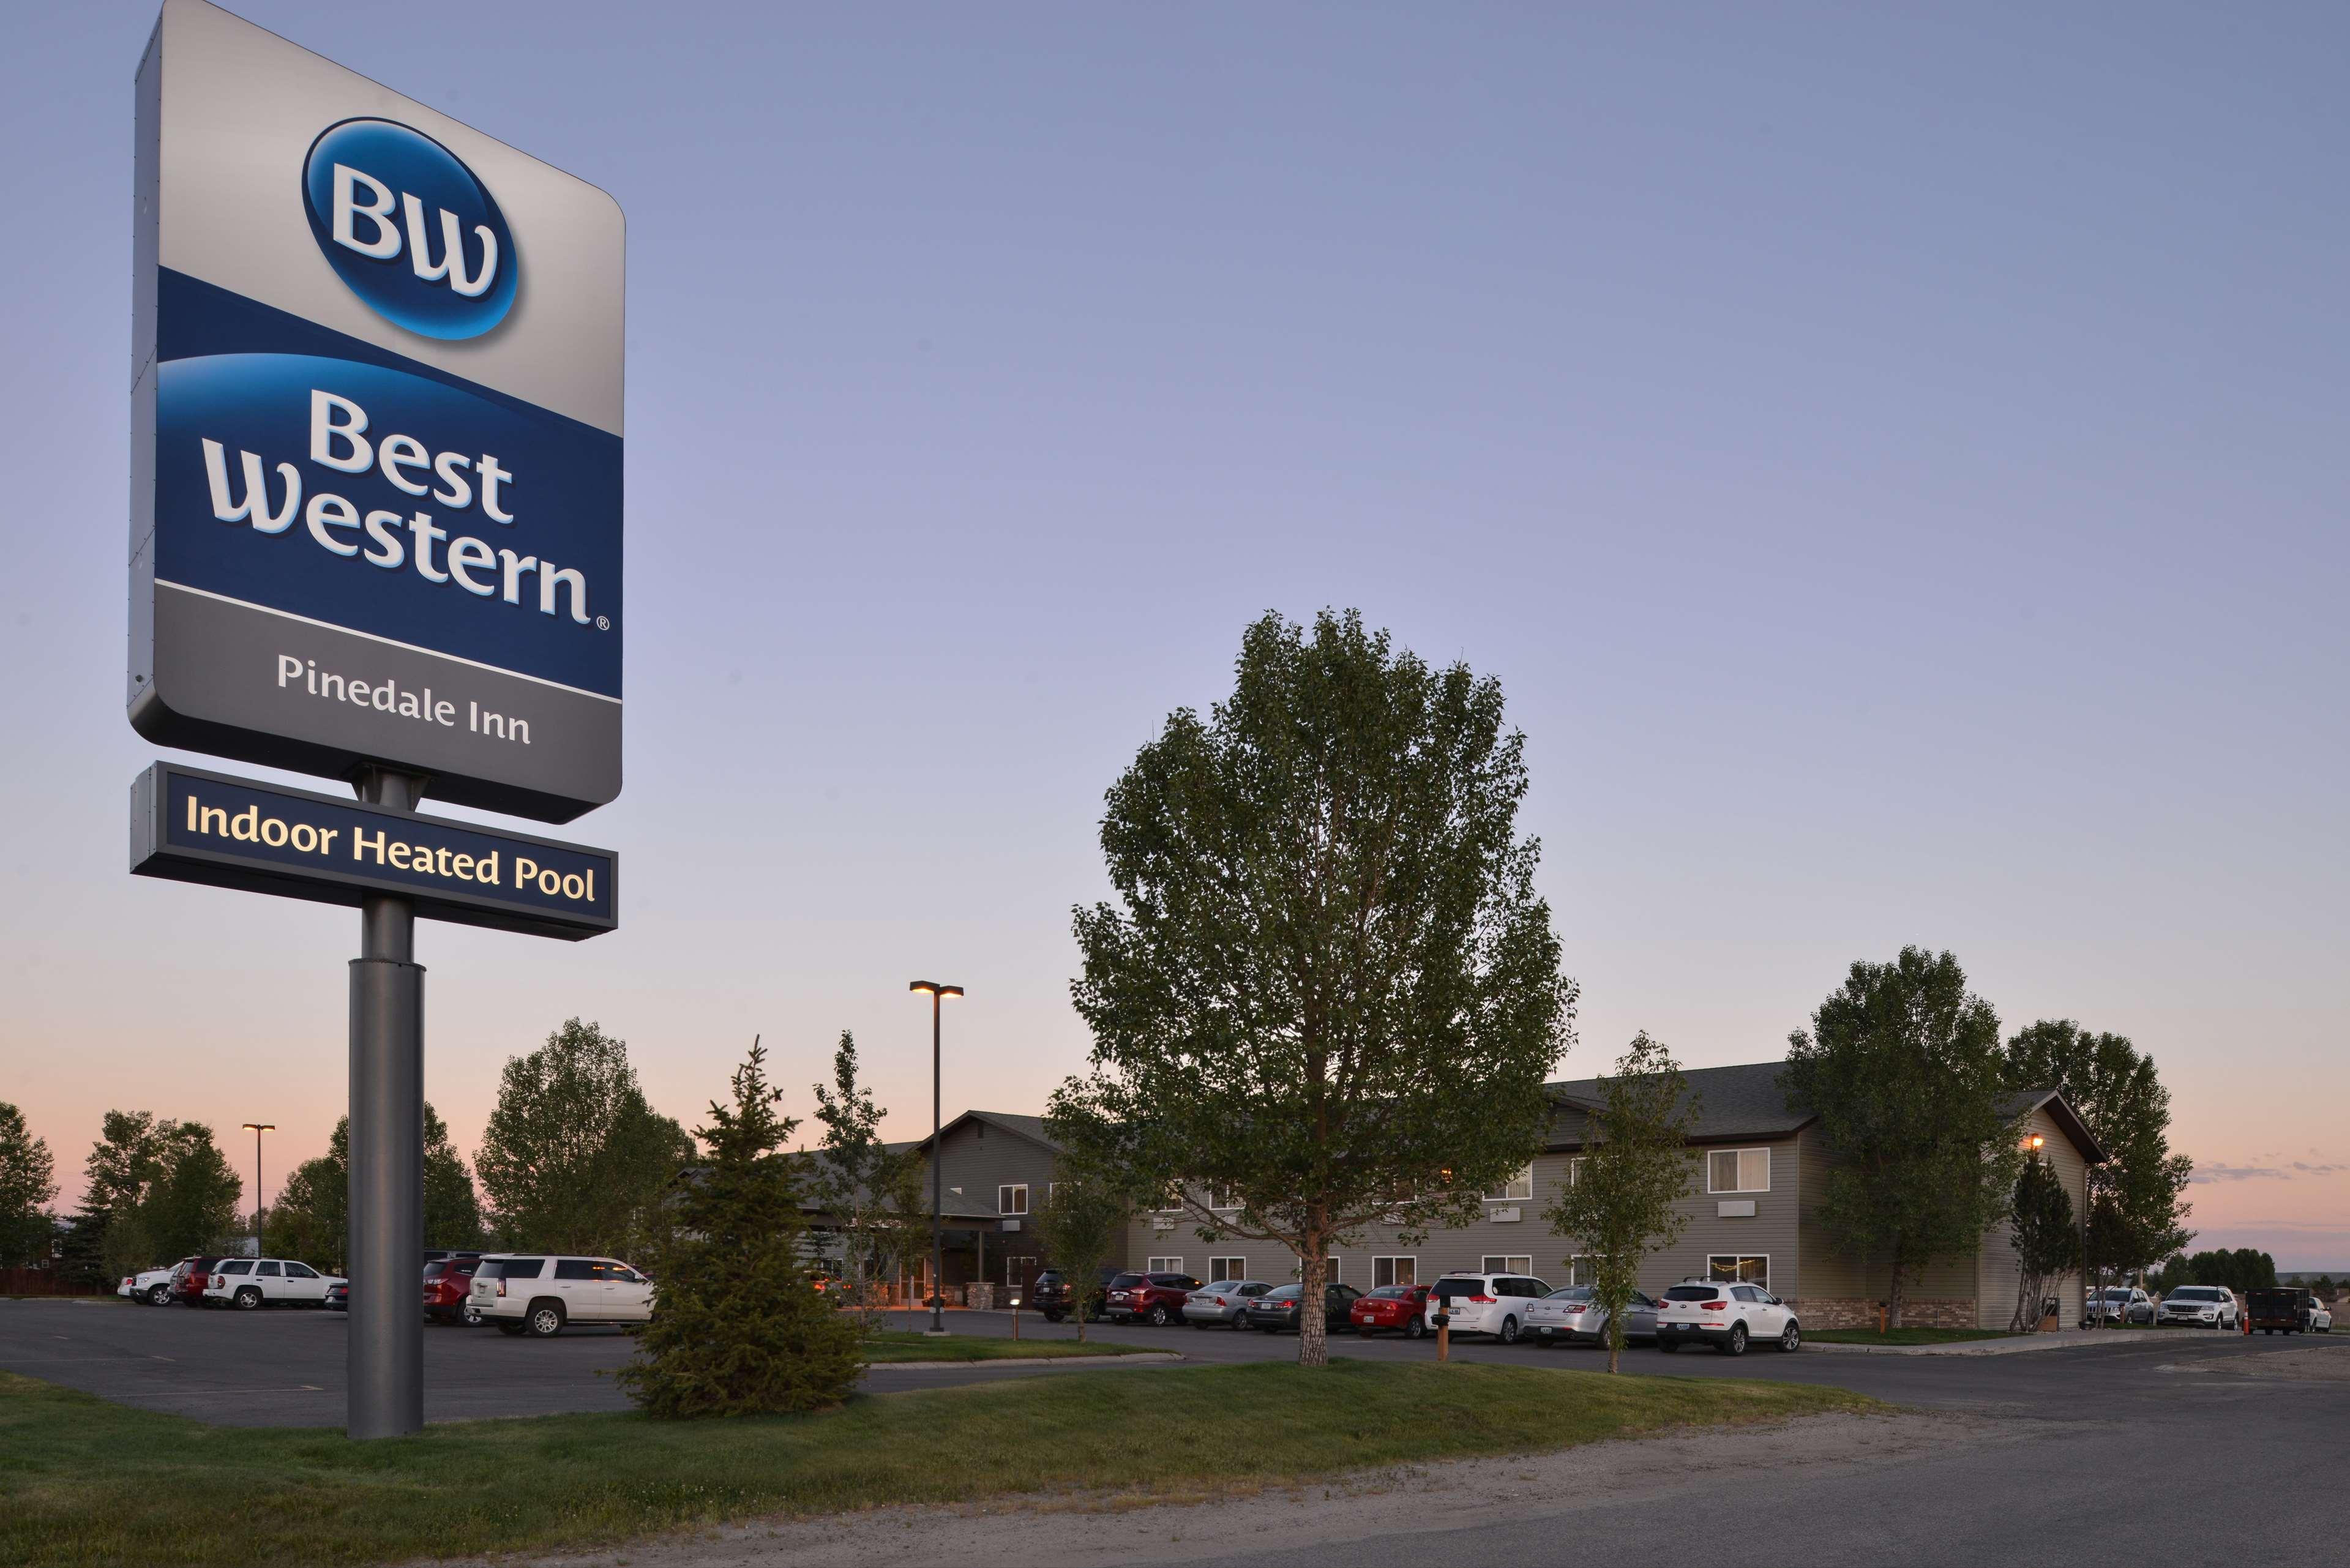 Best Western Pinedale Inn image 3